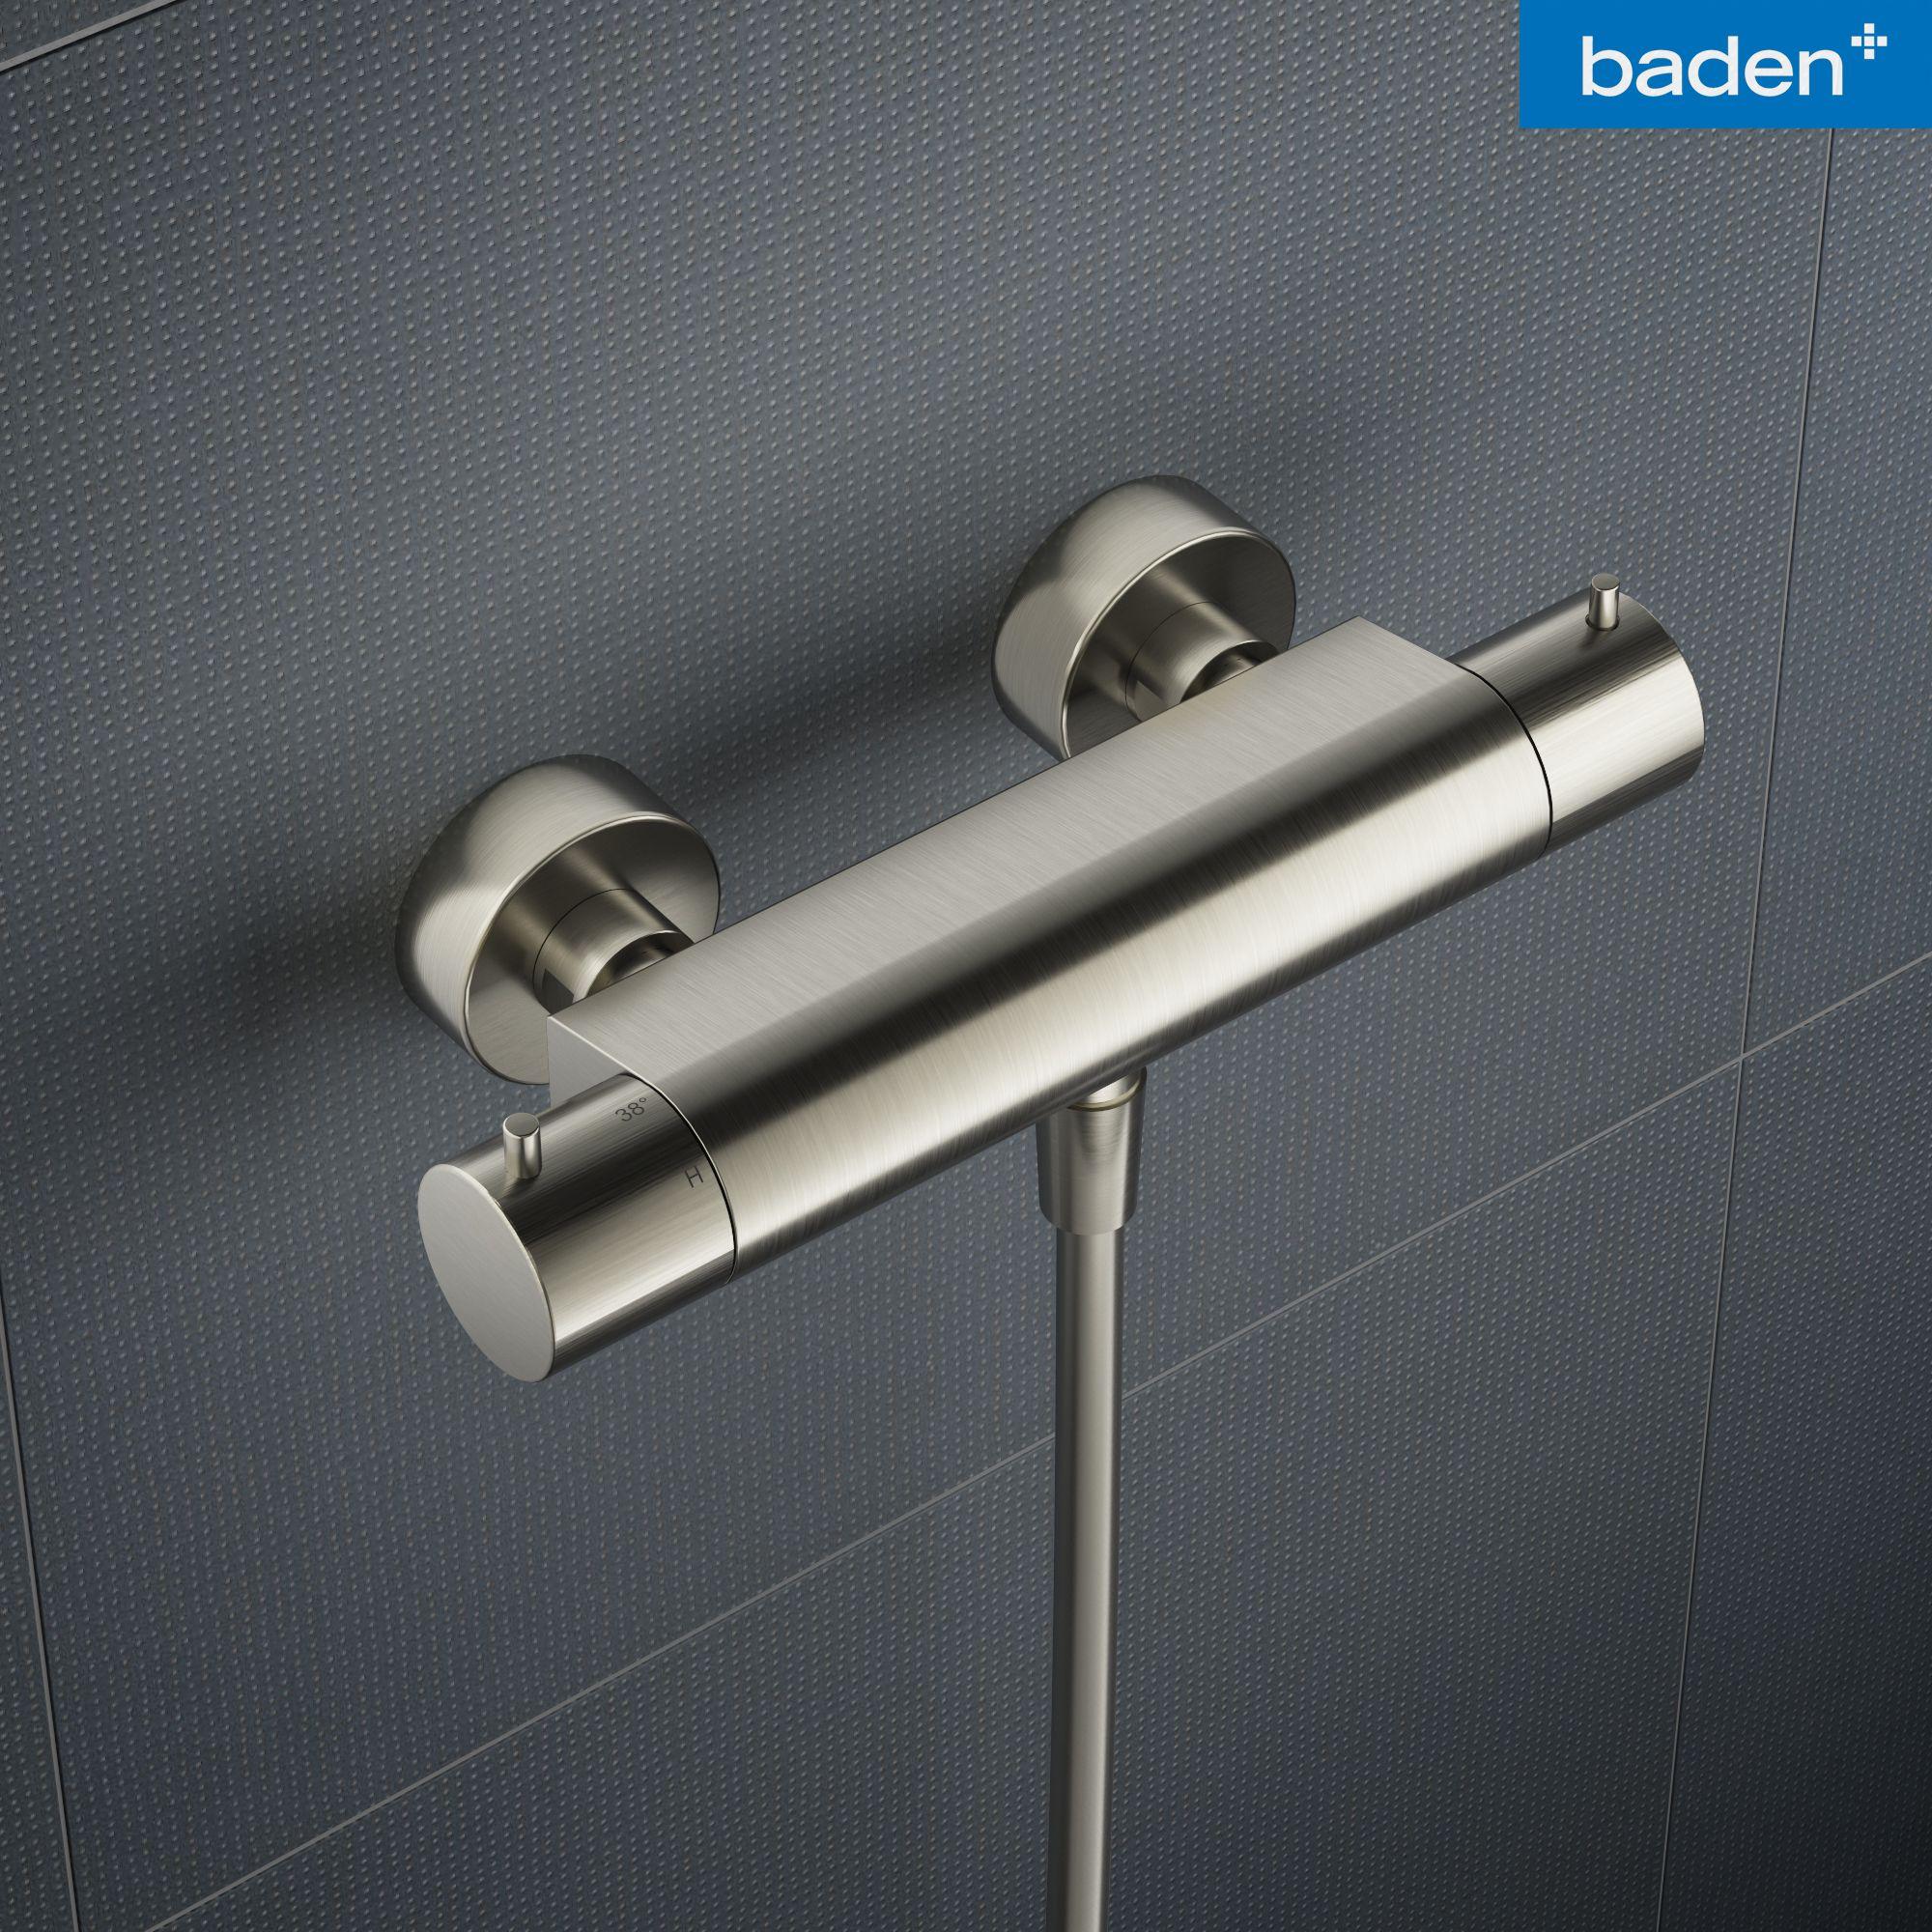 Thermostaatkraan voor in de douche. Brengt extra comfort en ...